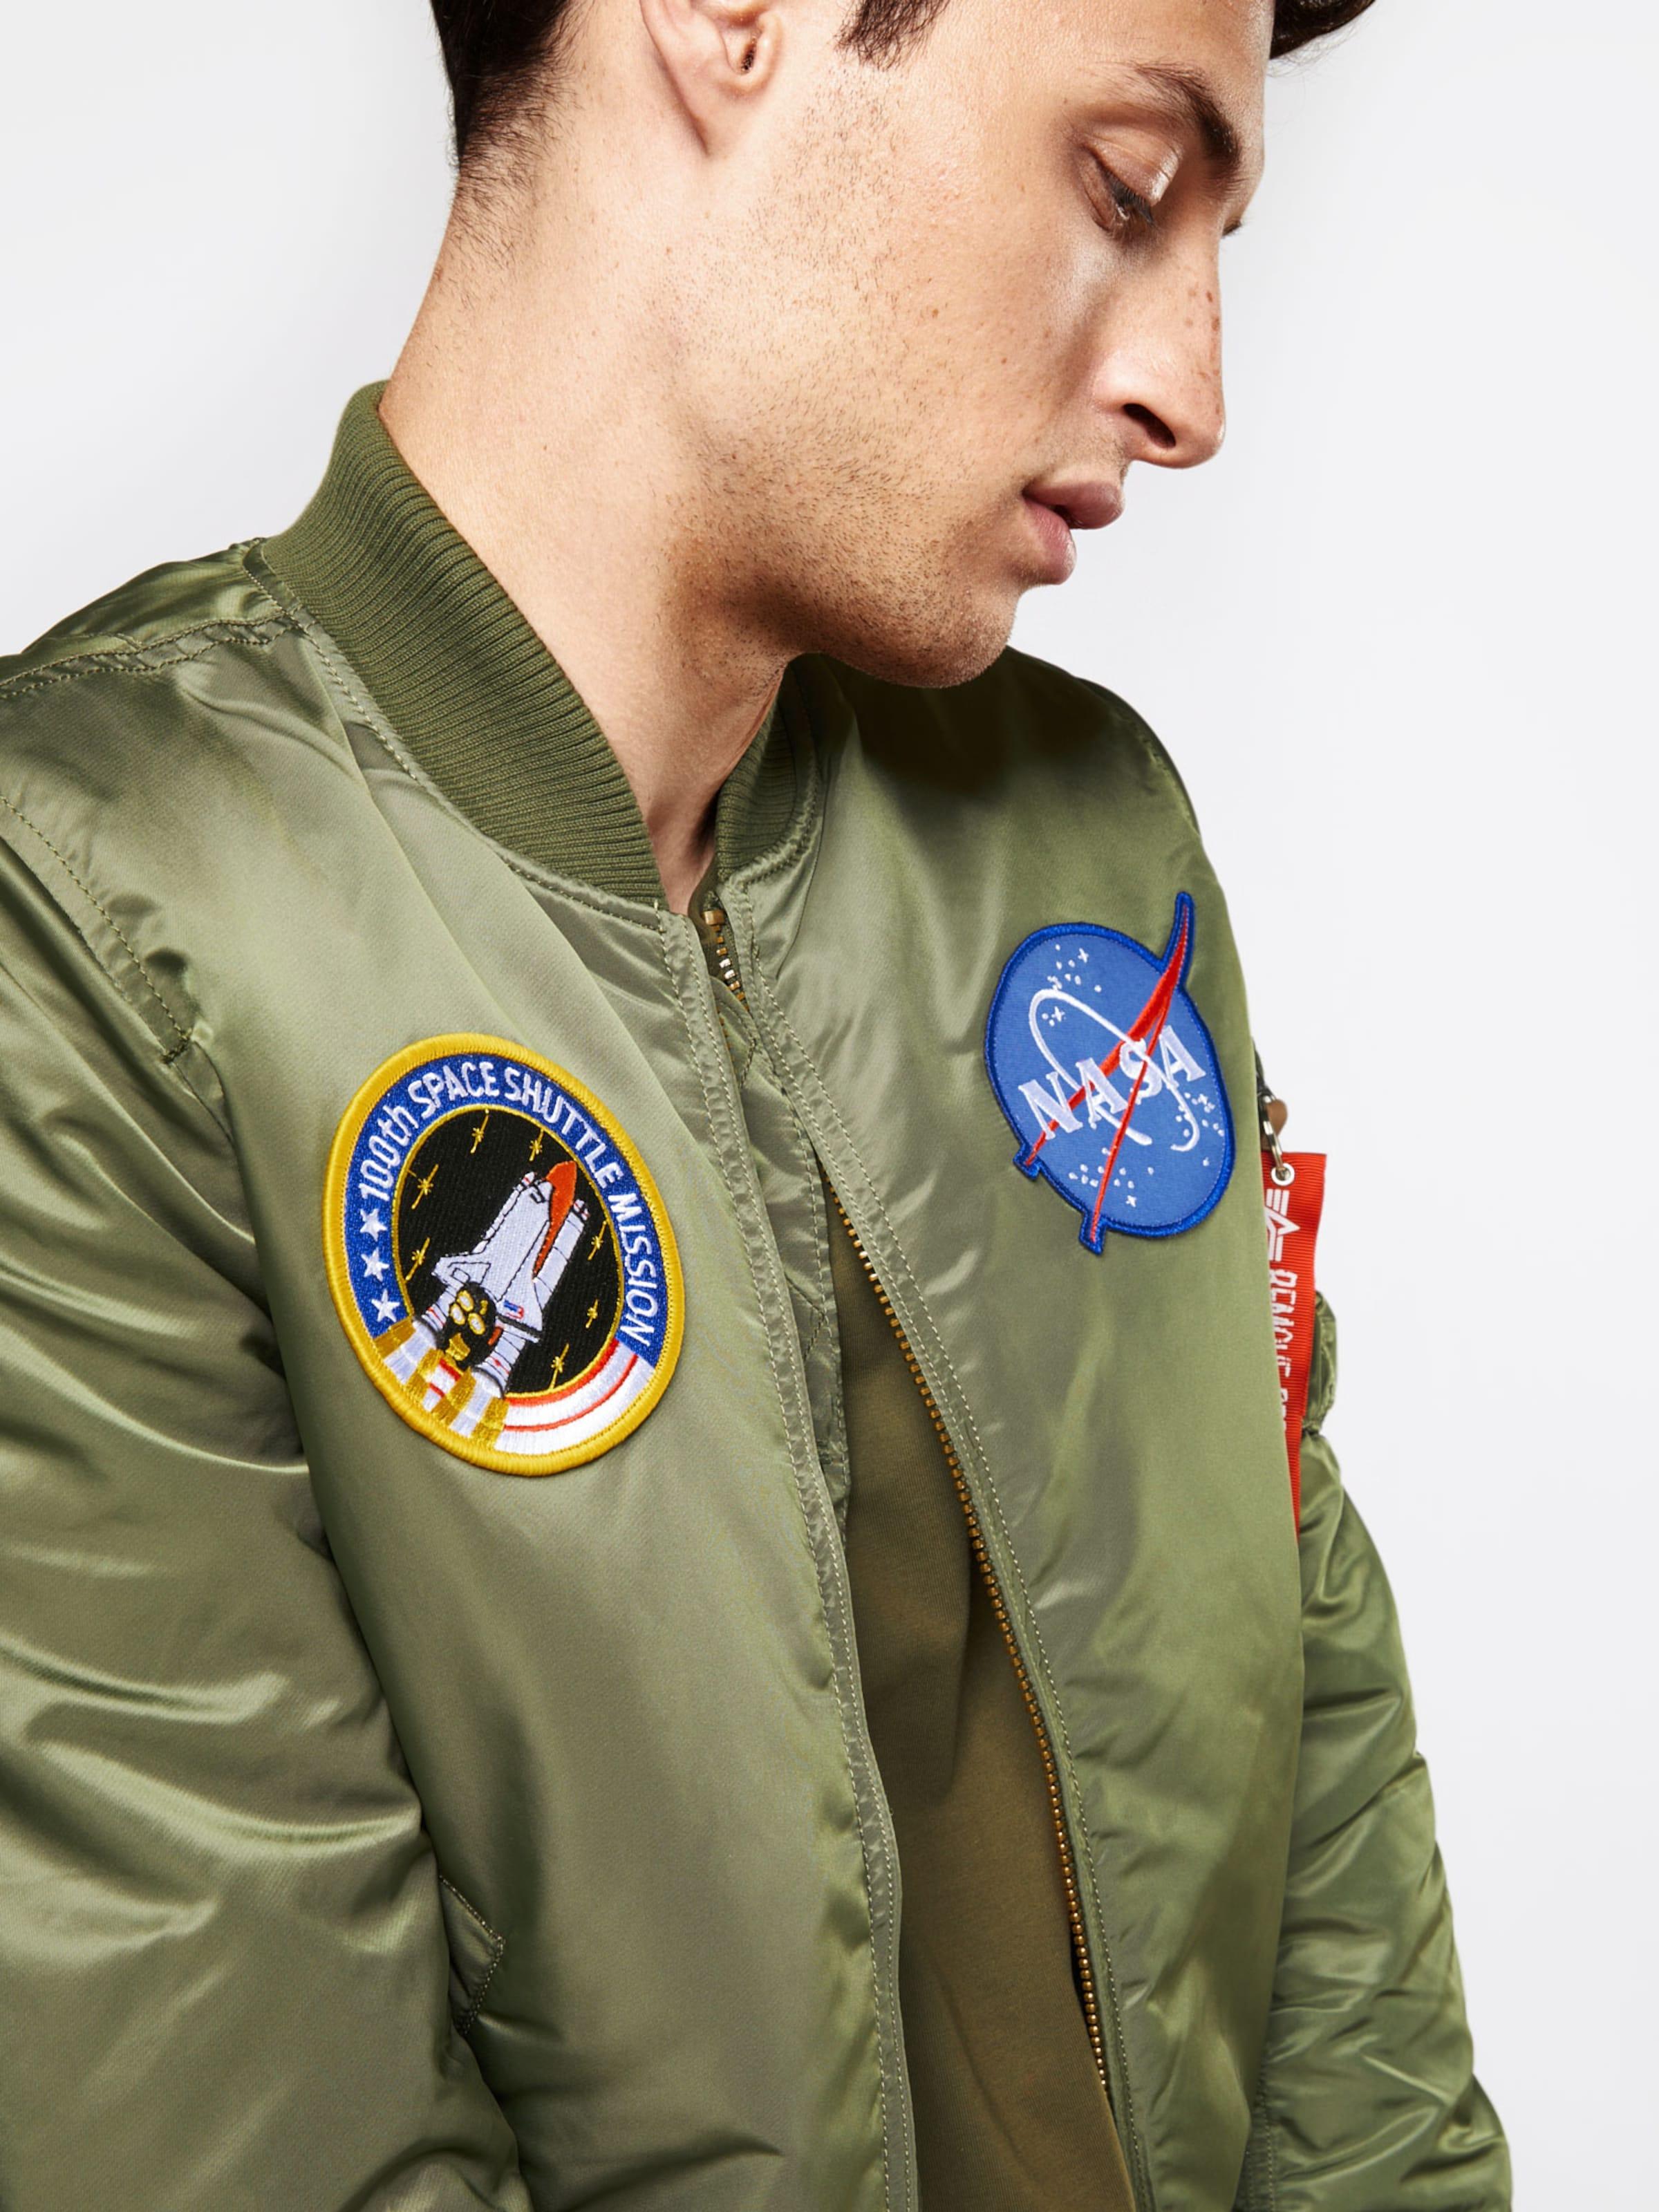 ALPHA INDUSTRIES Bomberjacke 'MA-1 VF NASA' Freies Verschiffen Empfehlen Spielraum Billig Echt 100% Authentisch Günstiger Preis Gut Verkaufen Online 3ijw2jz599